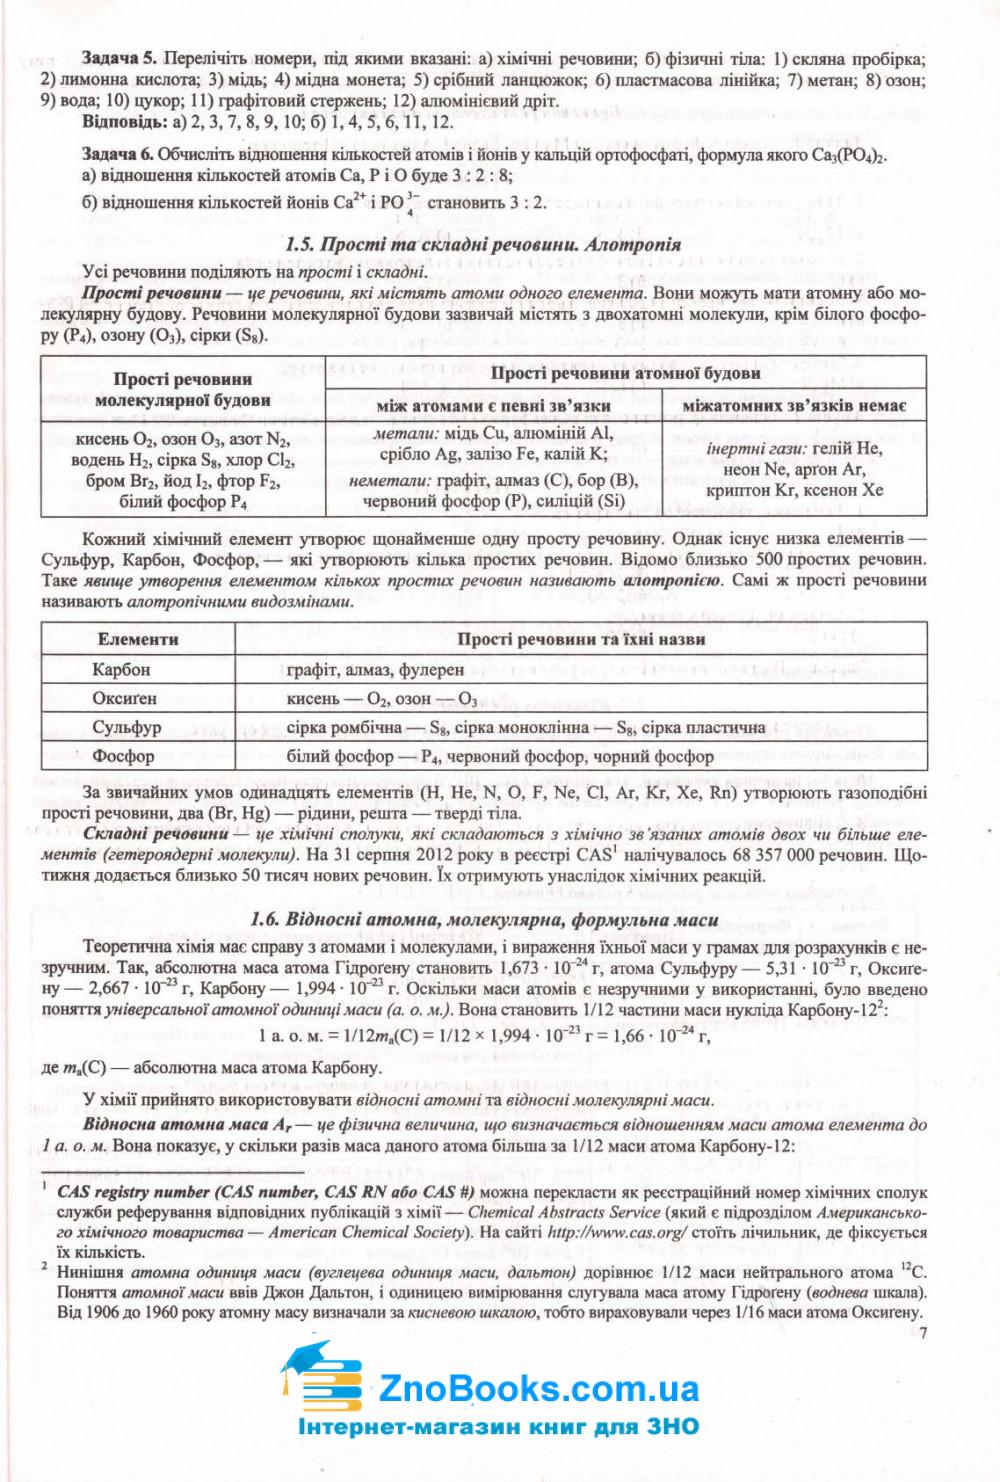 Хімія ЗНО 2022. Комплексне видання + Тренажер /КОМПЛЕКТ/ : Березан О., та інші. Підручники і посібники. 5